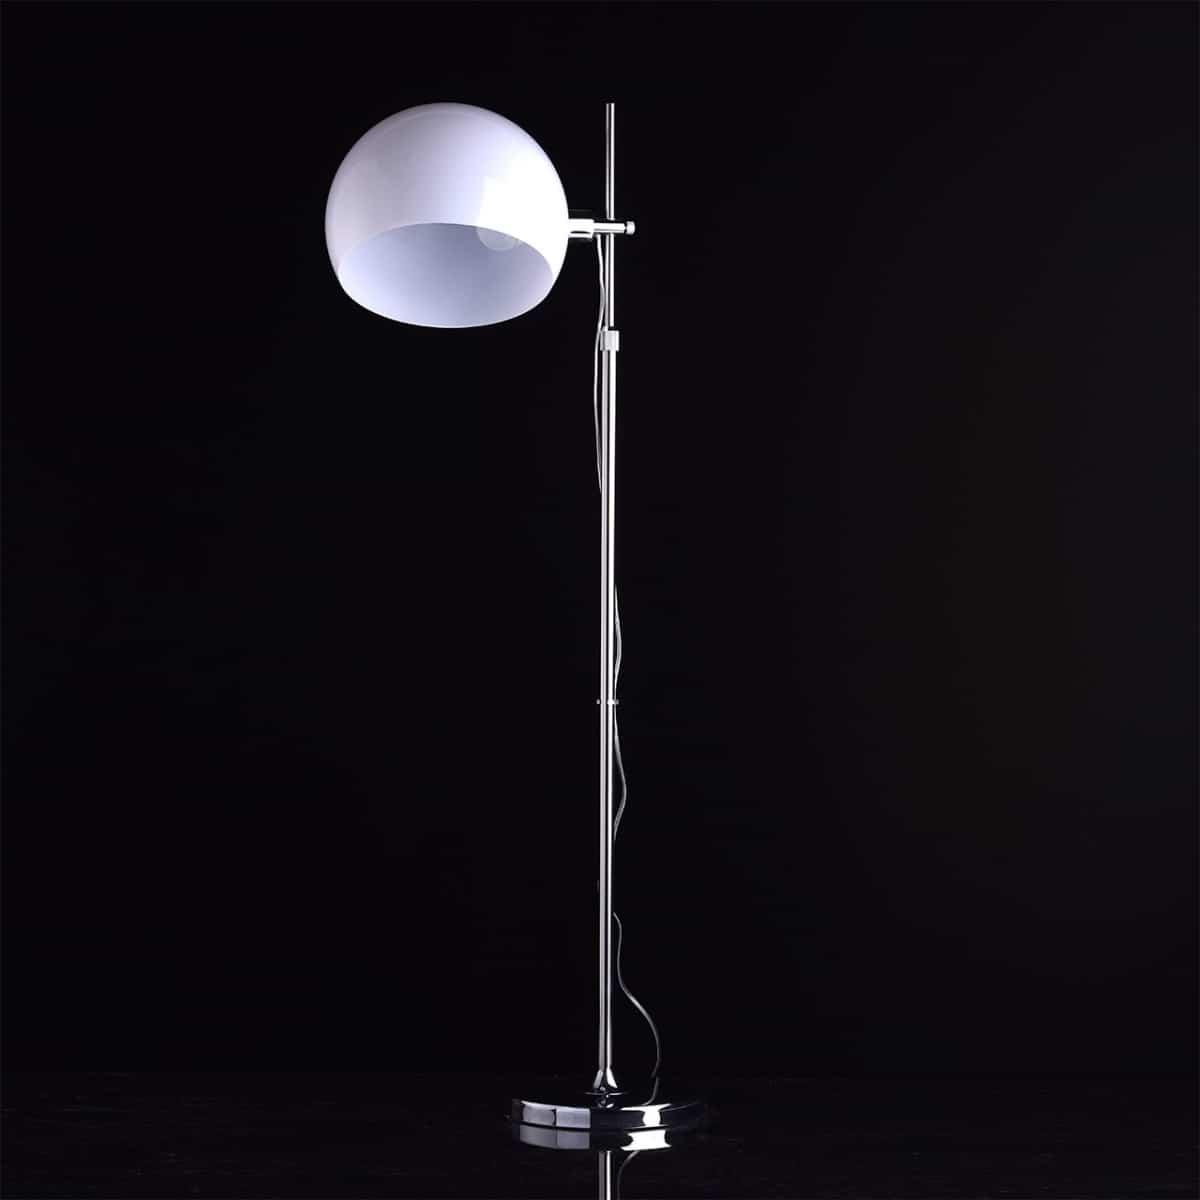 Lampadar cromat, argintiu cu alb, cu un singur glob mare, pe fundal negru